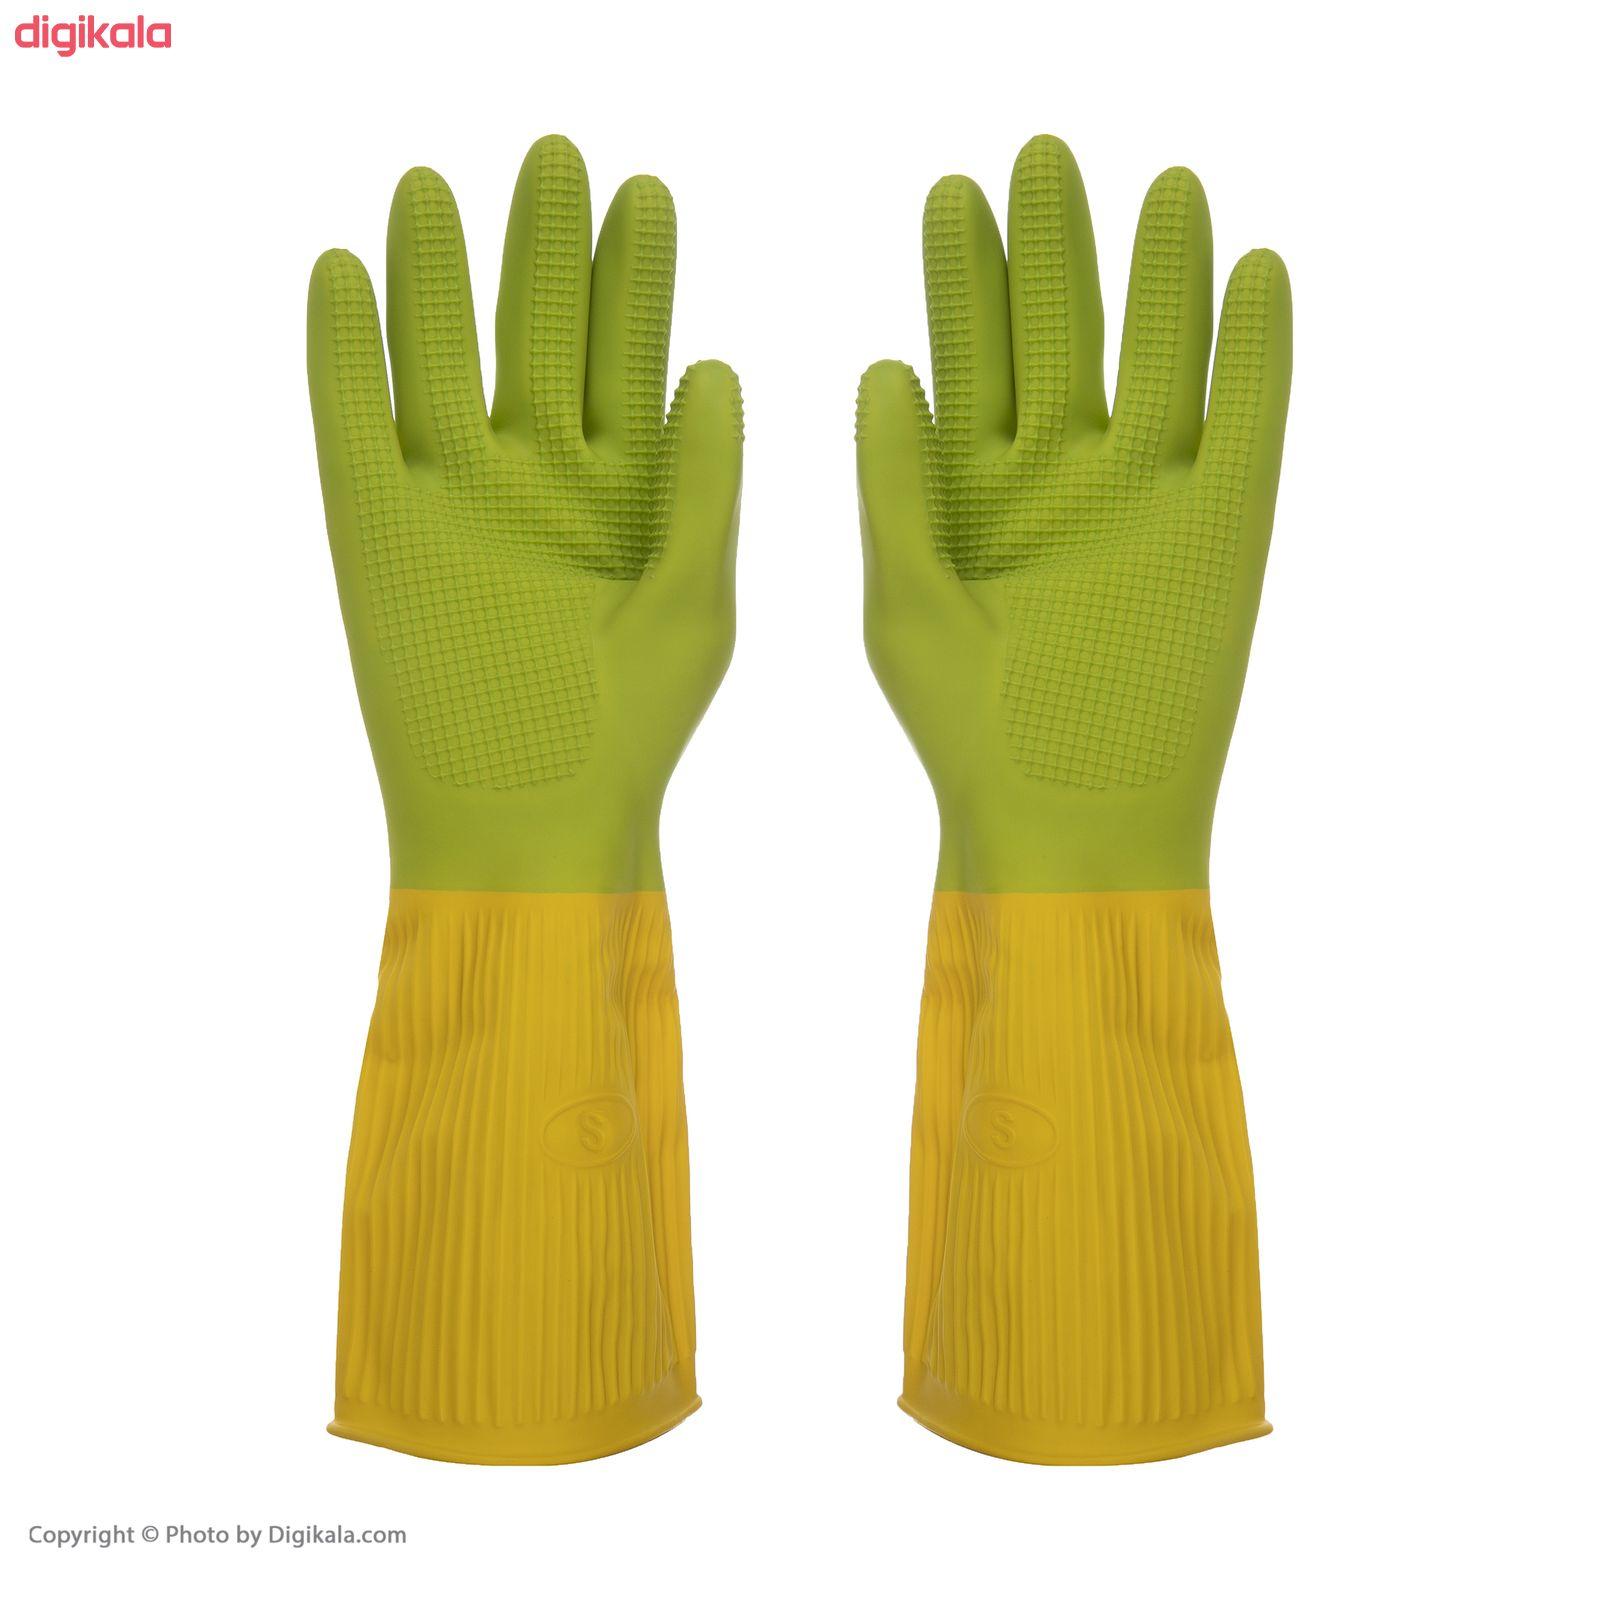 دستکش آشپزخانه گلرنگ کد 5100166 سایز S main 1 1